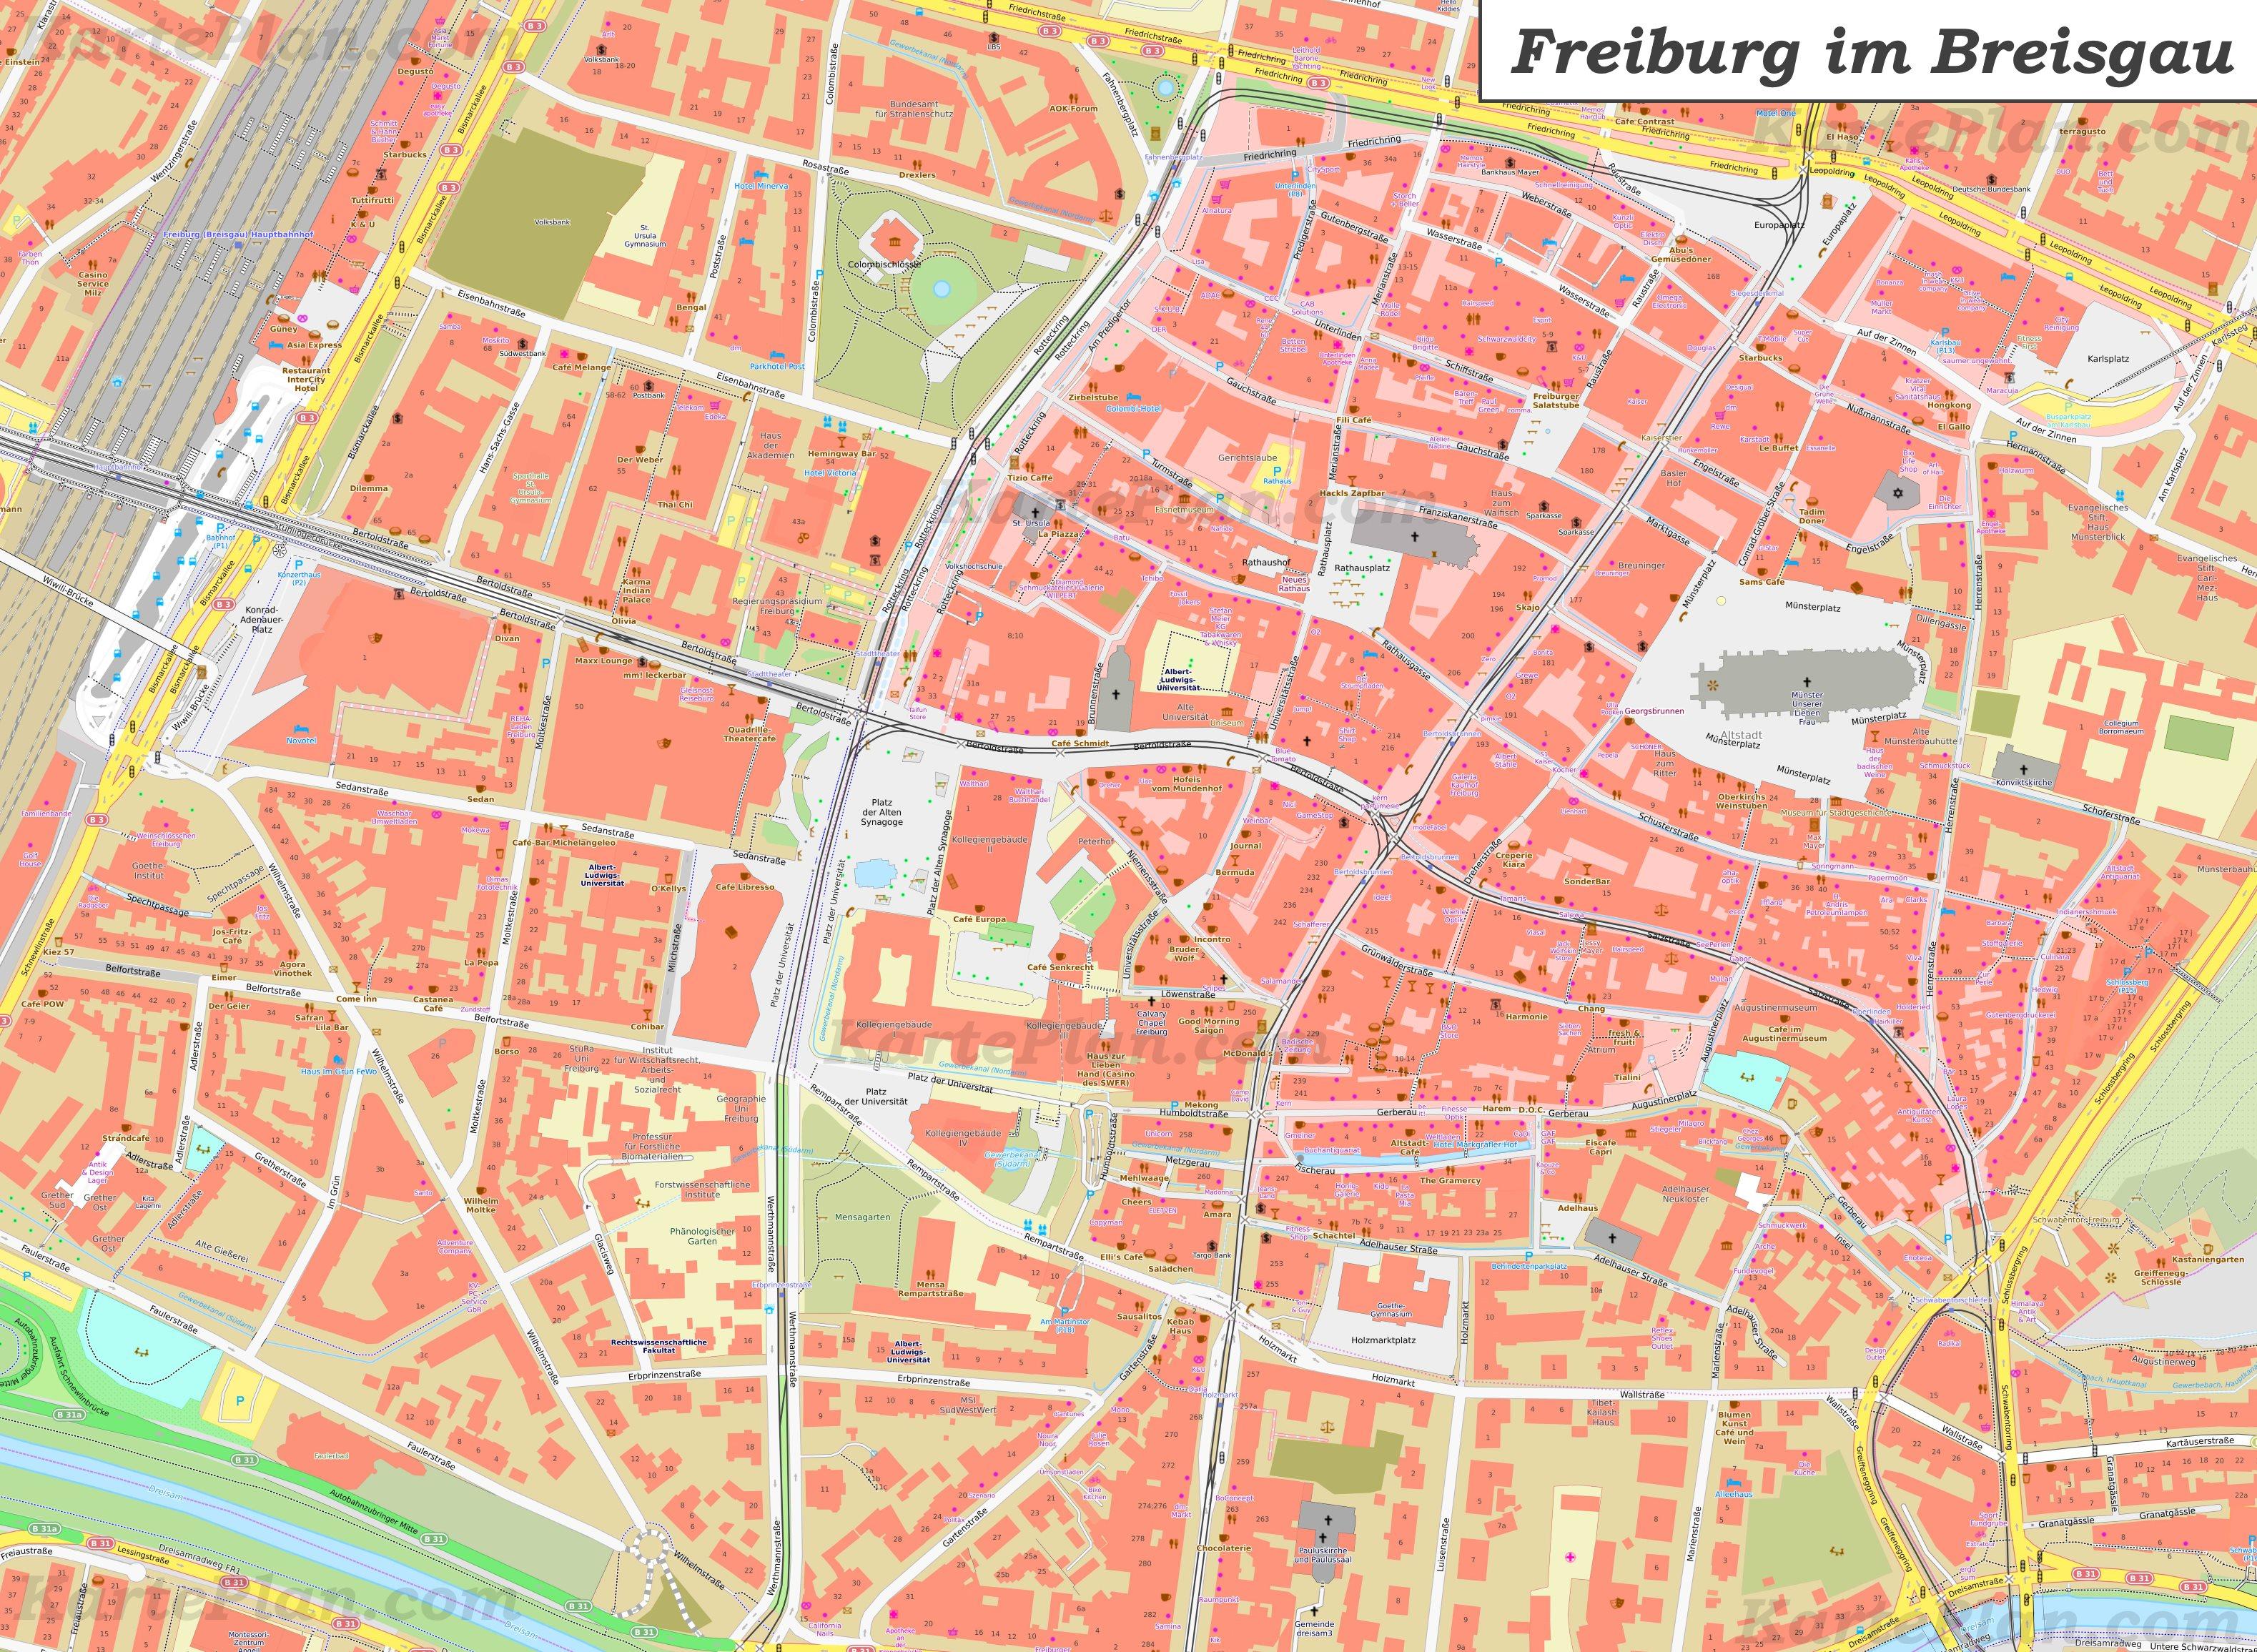 Freiburg Karte.Karte Von Freiburg Im Breisgau Altstadt